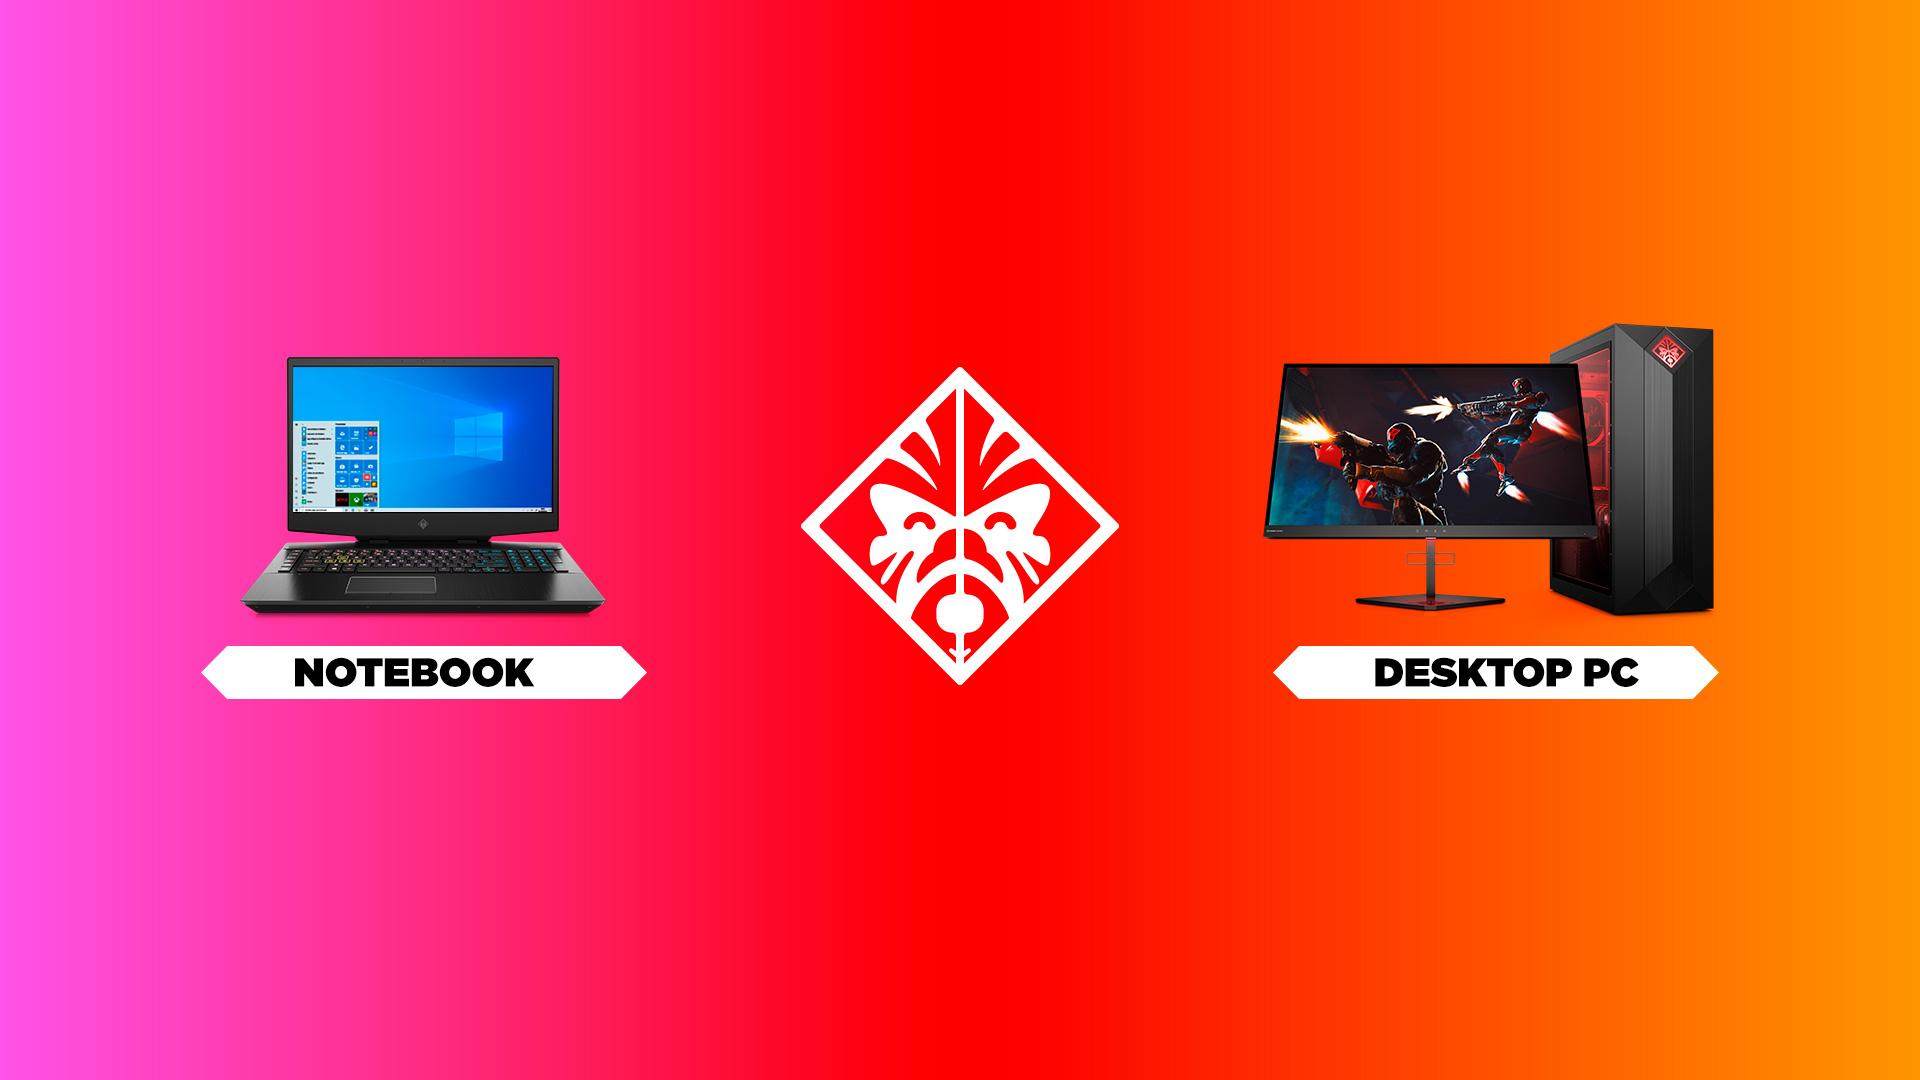 ¿Notebook o PC? La compleja decisión en una era de computadores pro